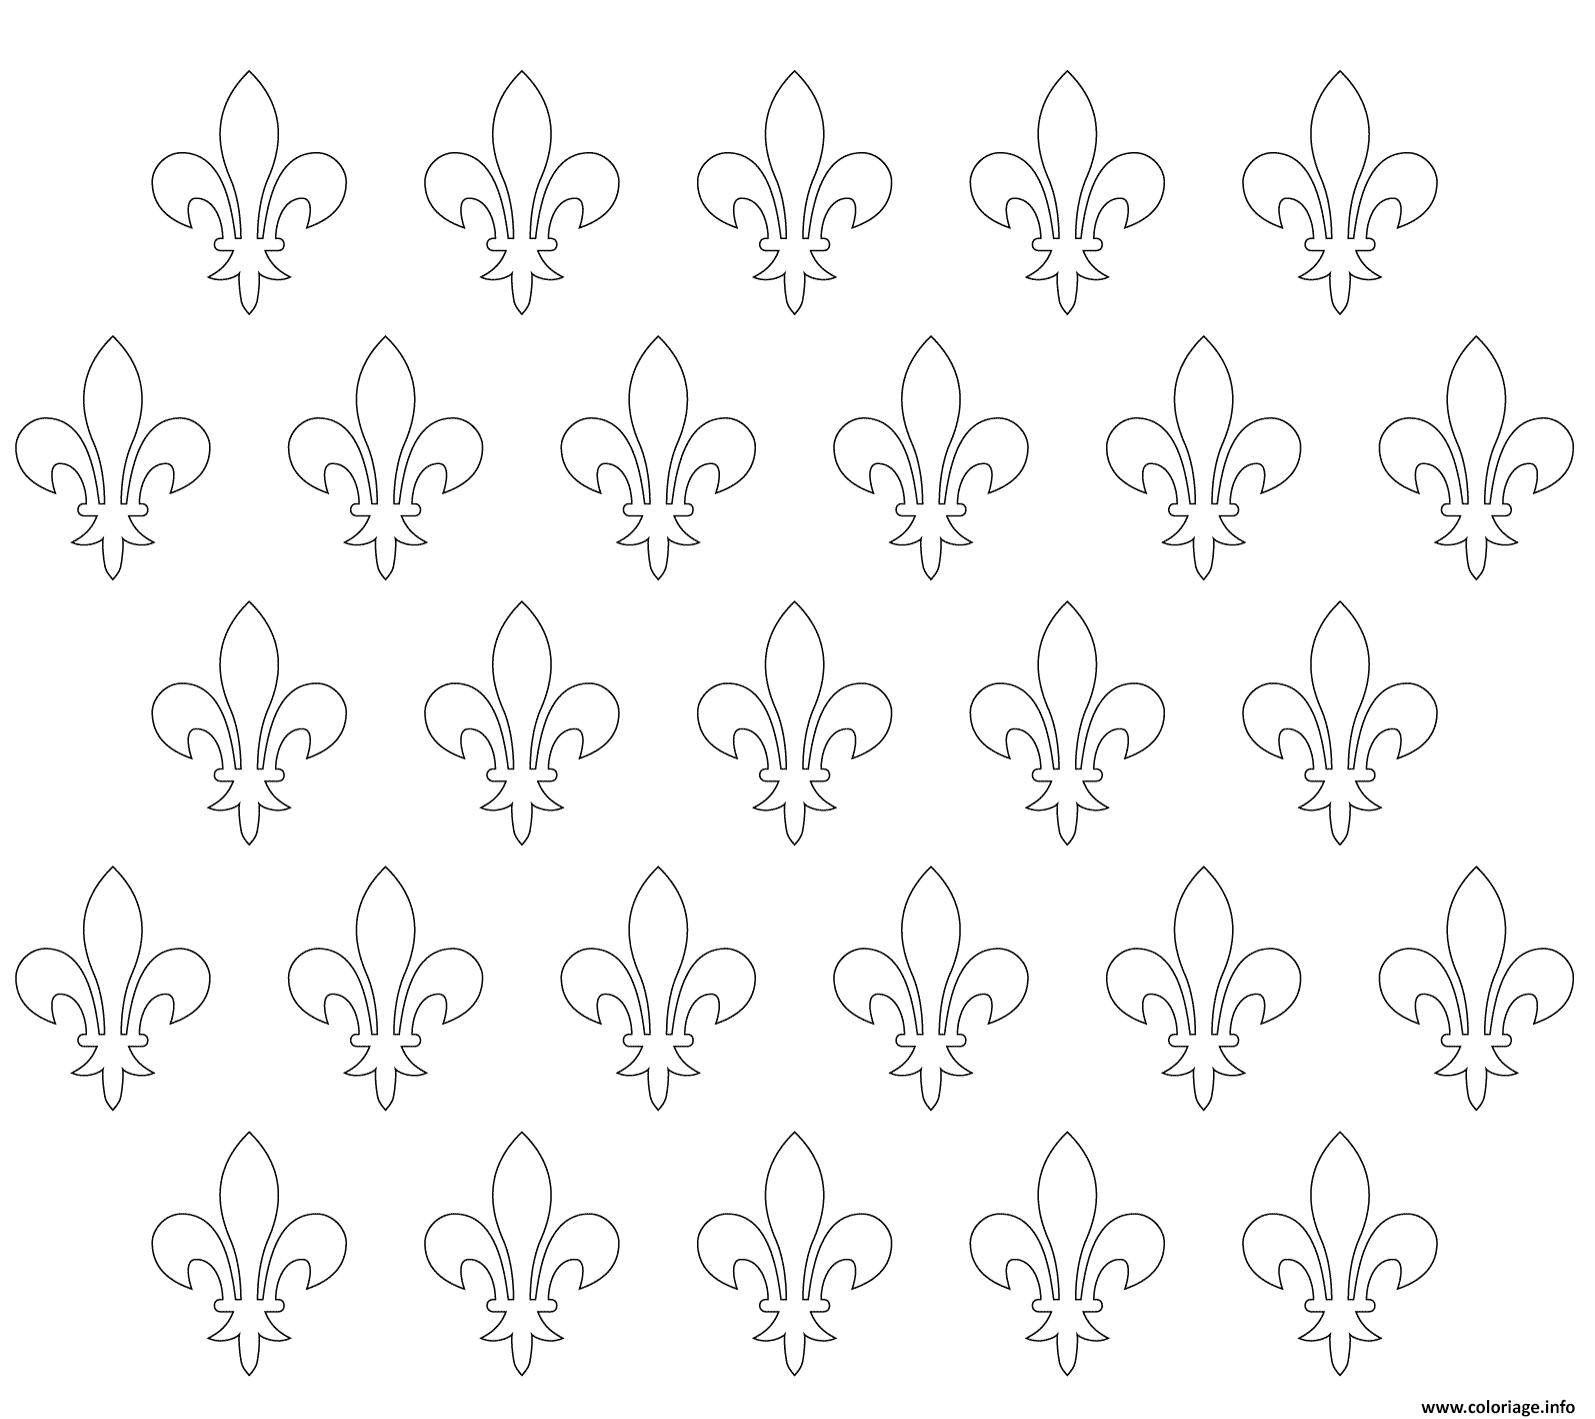 Dessin motif de fleur de lys Coloriage Gratuit à Imprimer